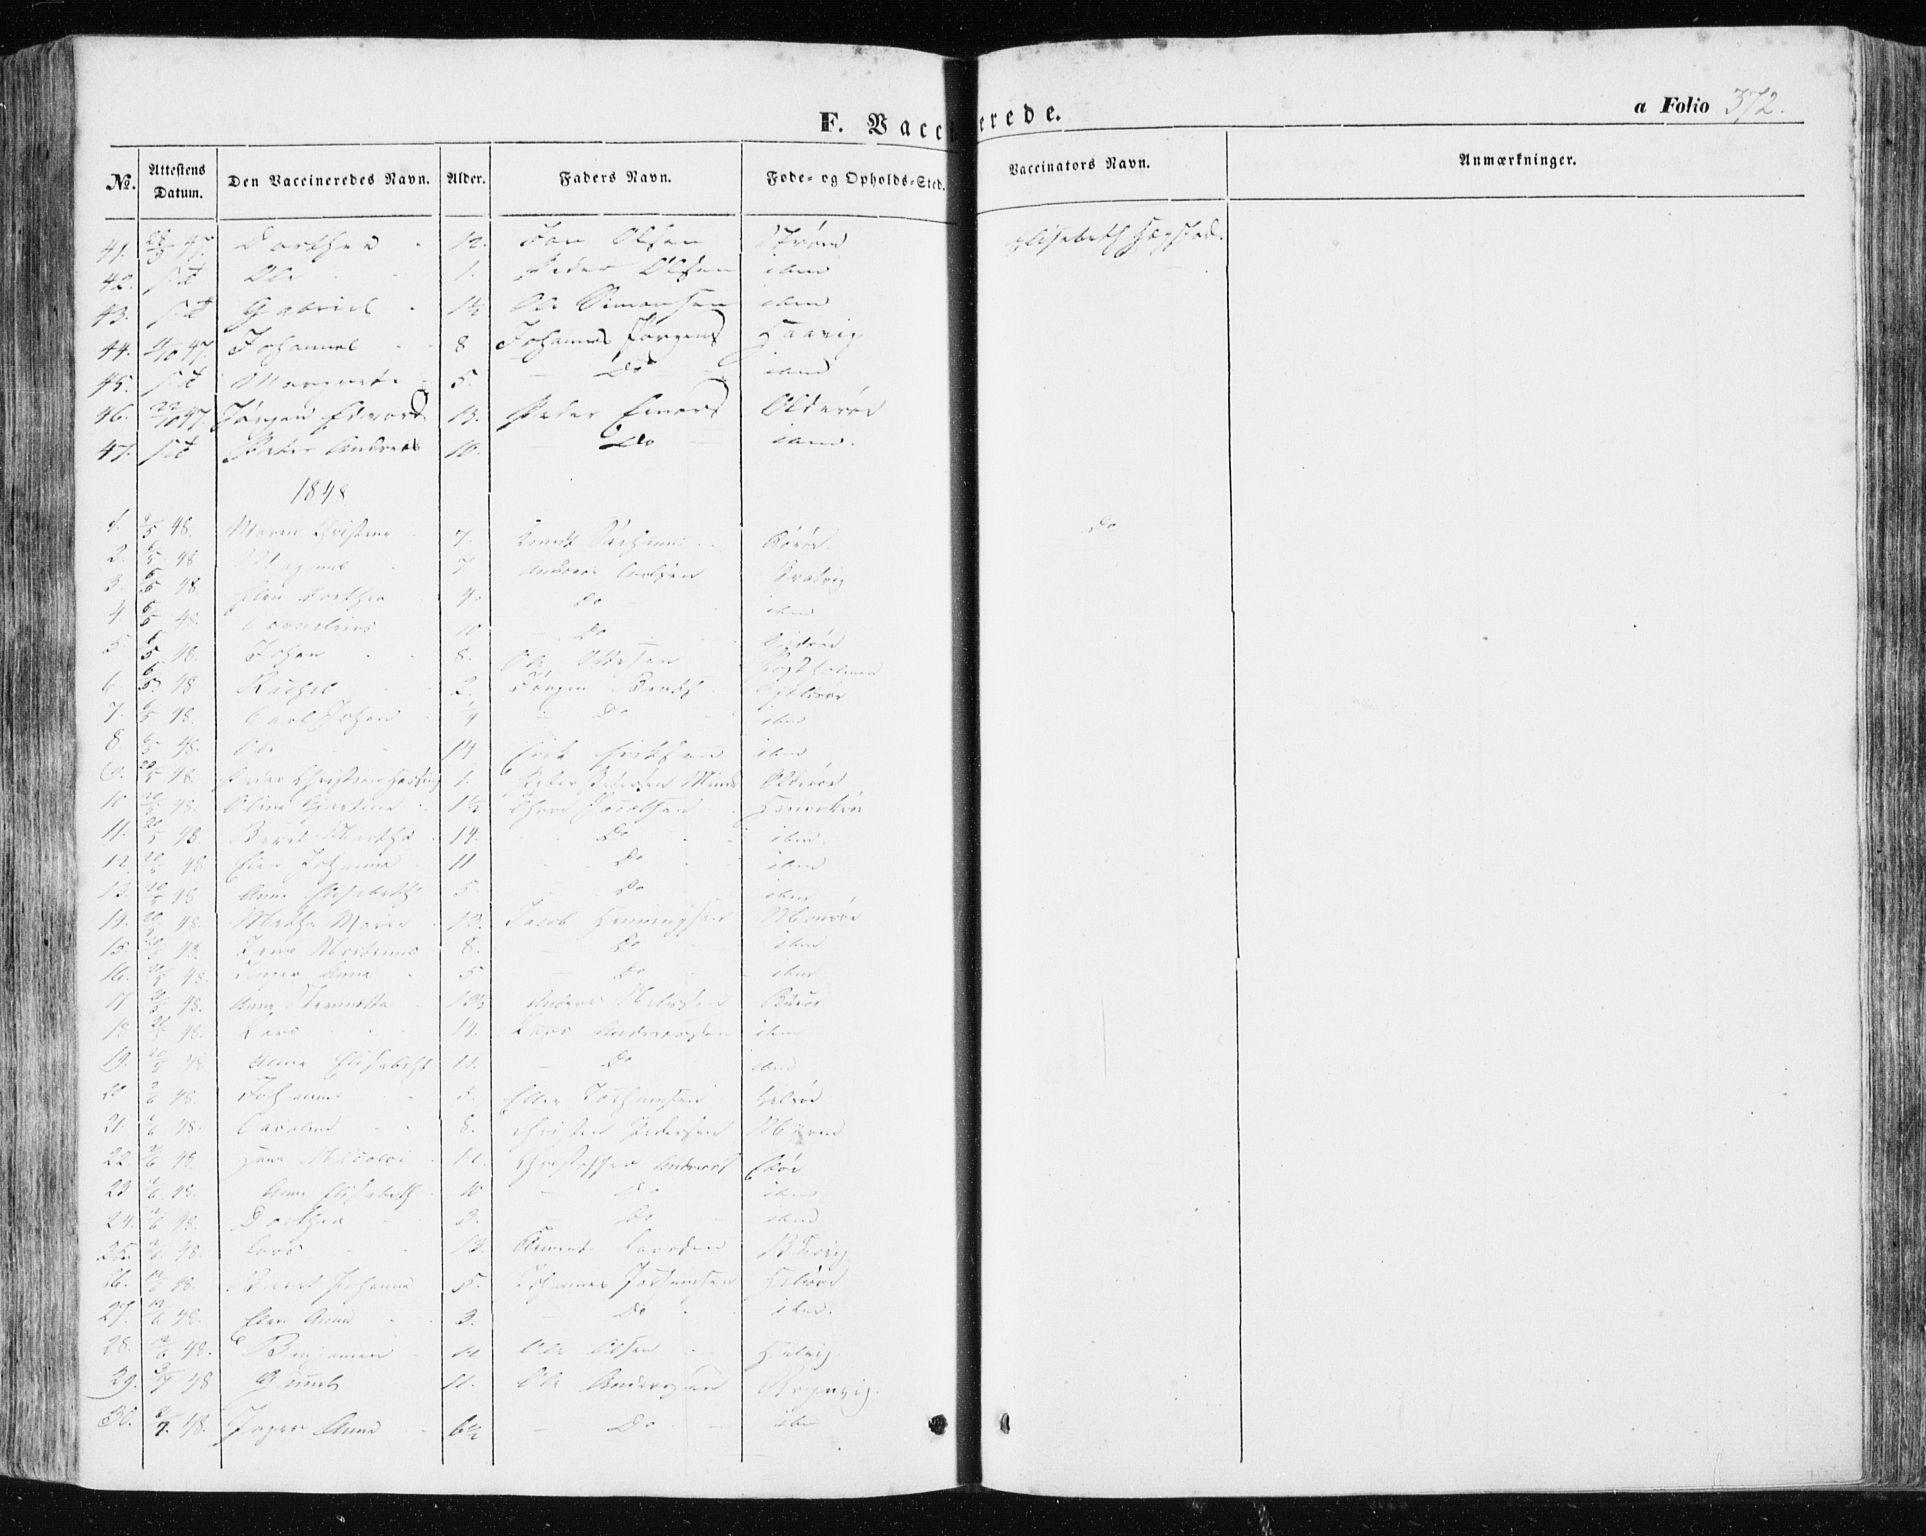 SAT, Ministerialprotokoller, klokkerbøker og fødselsregistre - Sør-Trøndelag, 634/L0529: Ministerialbok nr. 634A05, 1843-1851, s. 372